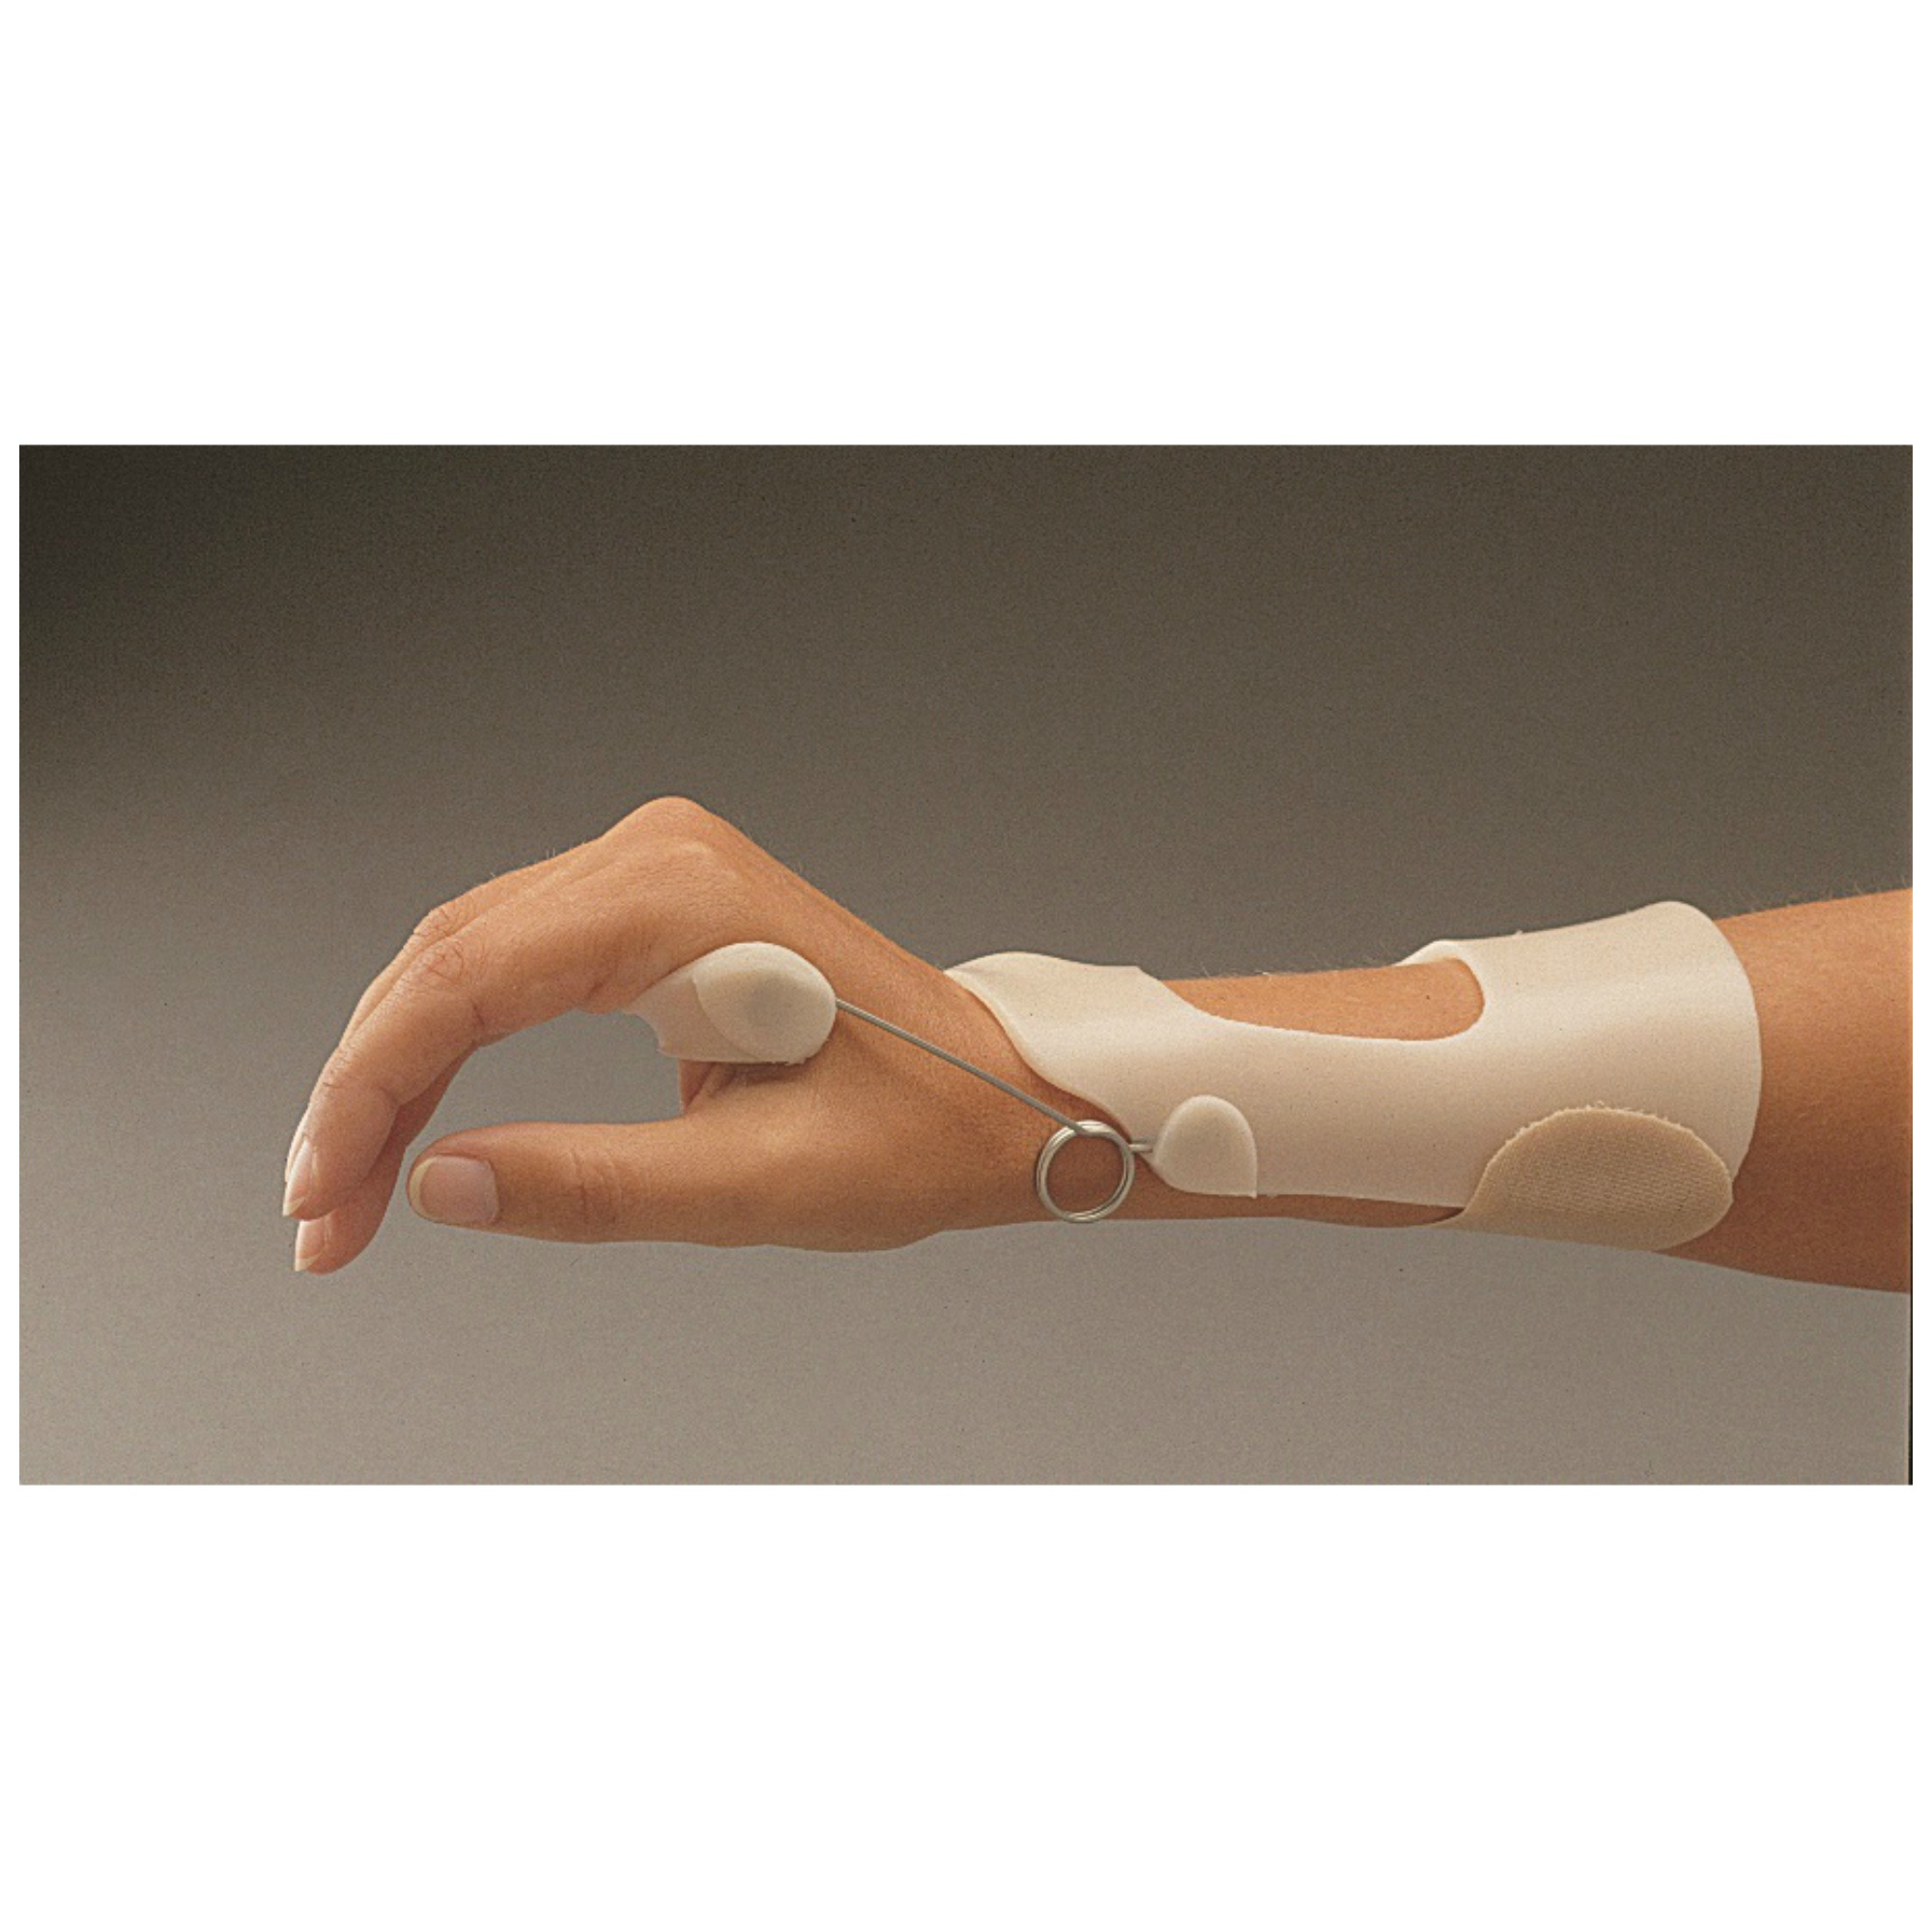 radiális artrosis ízületi polyarthritis kezelésére szolgáló gyógyszerek